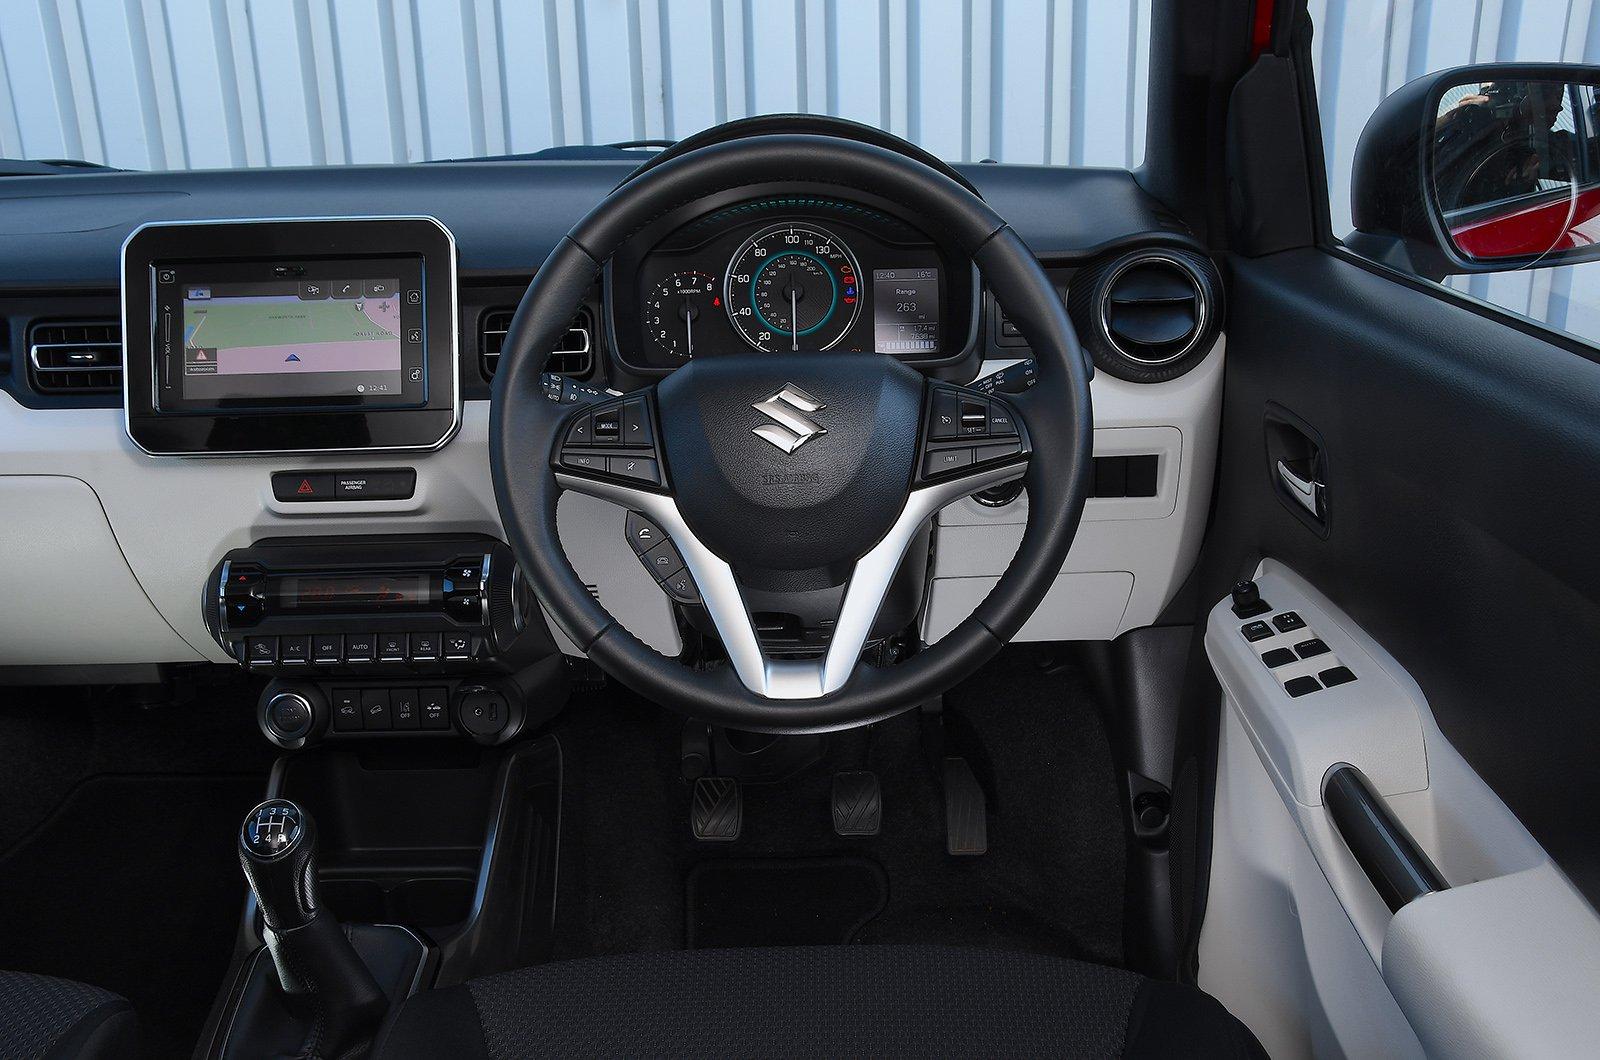 Suzuki Ignis 2019 interior